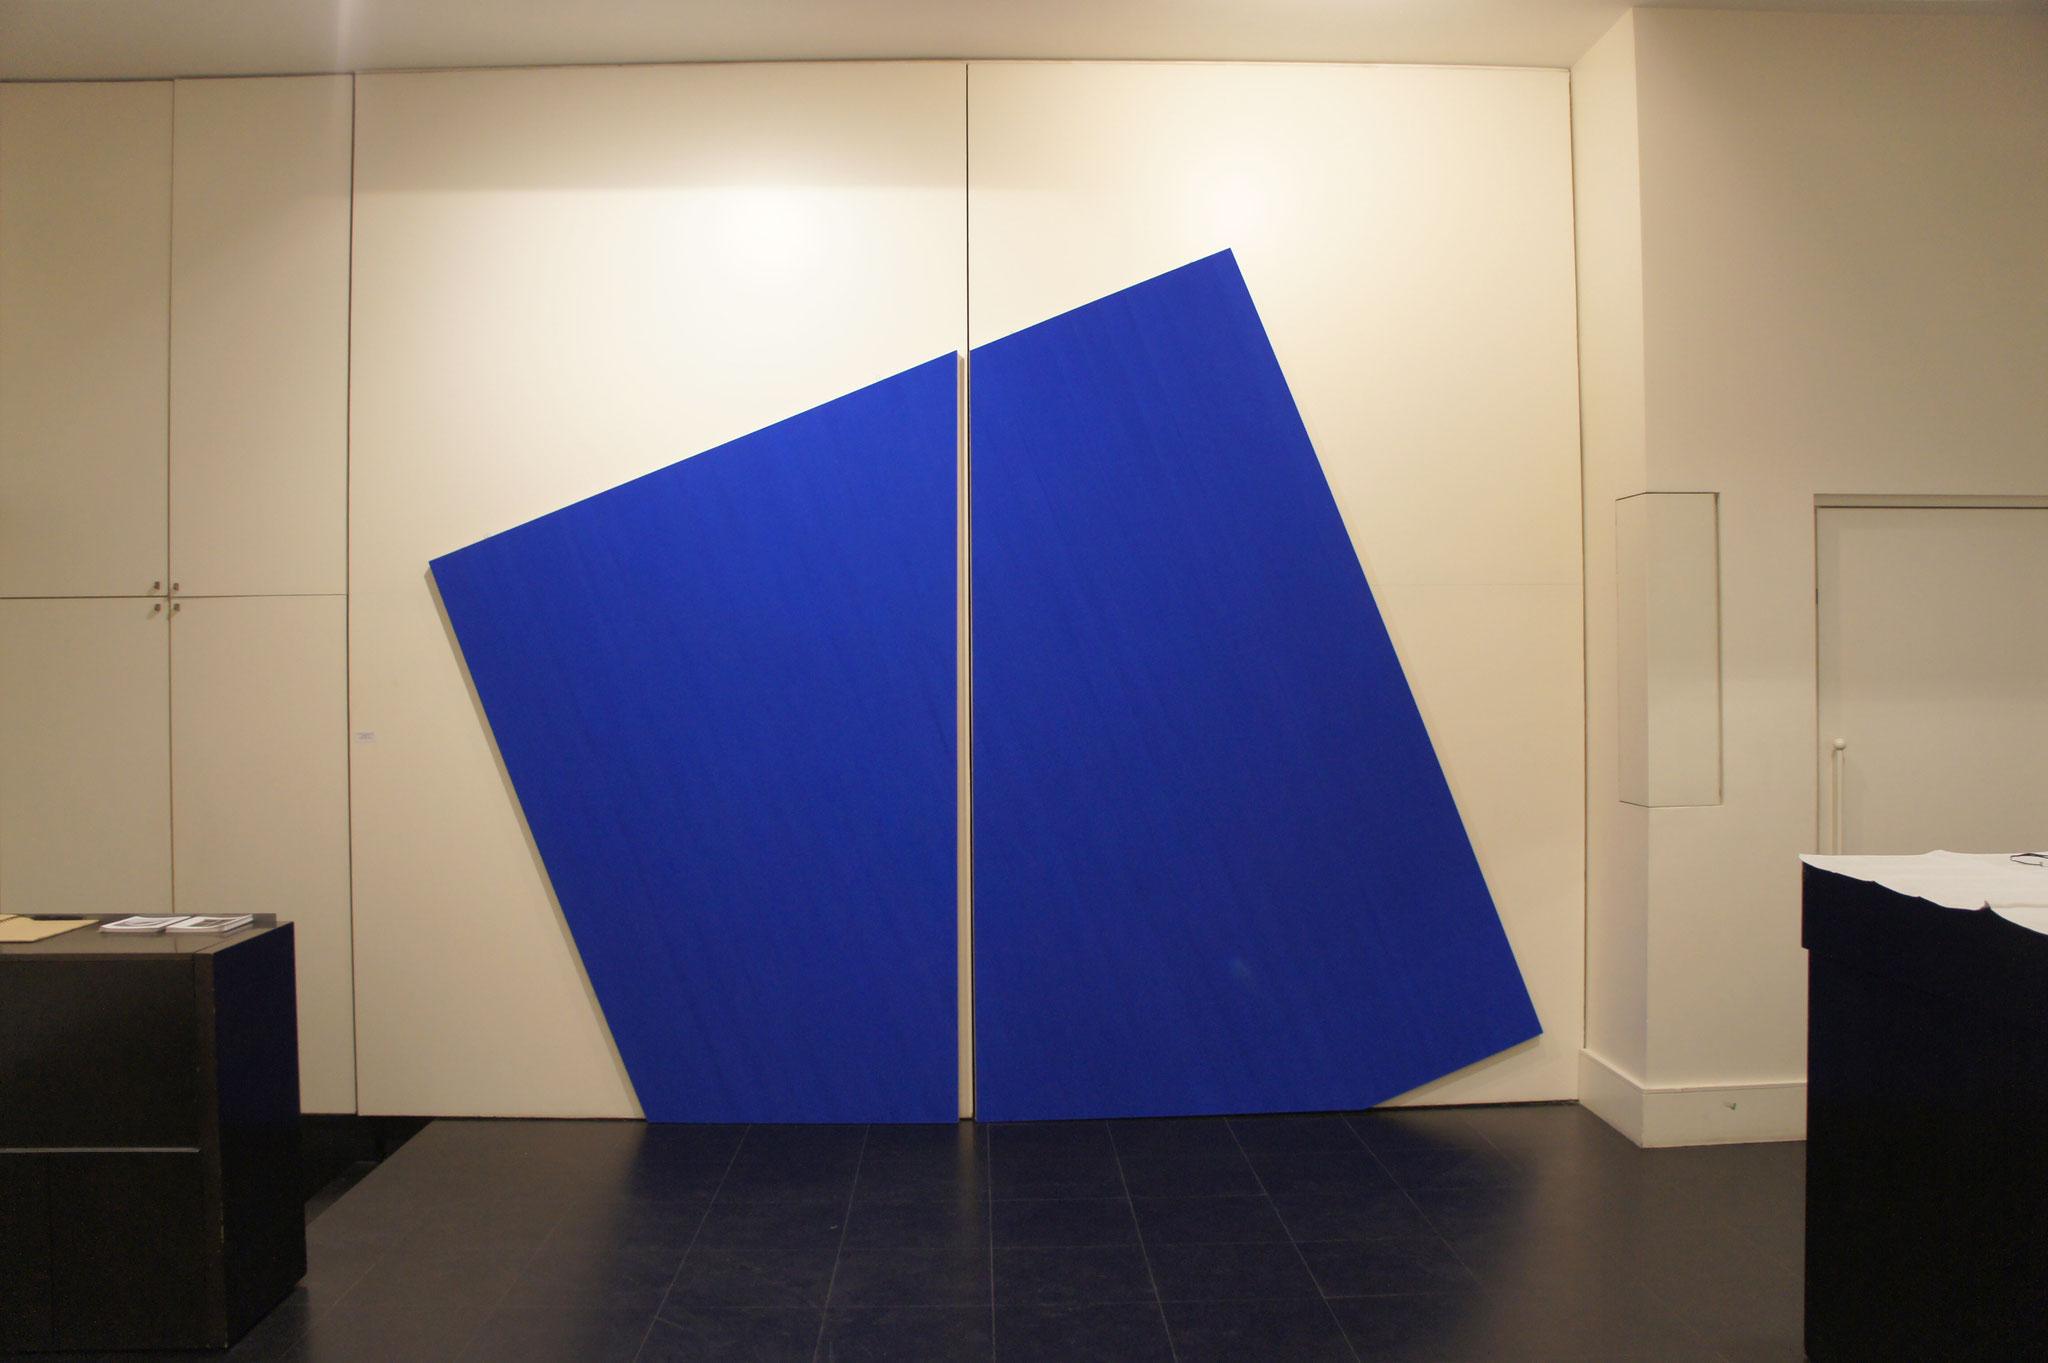 Pigment et colle de peau sur toile - 350x350x5 cm - Exposition Galerie Lahumière (Paris)